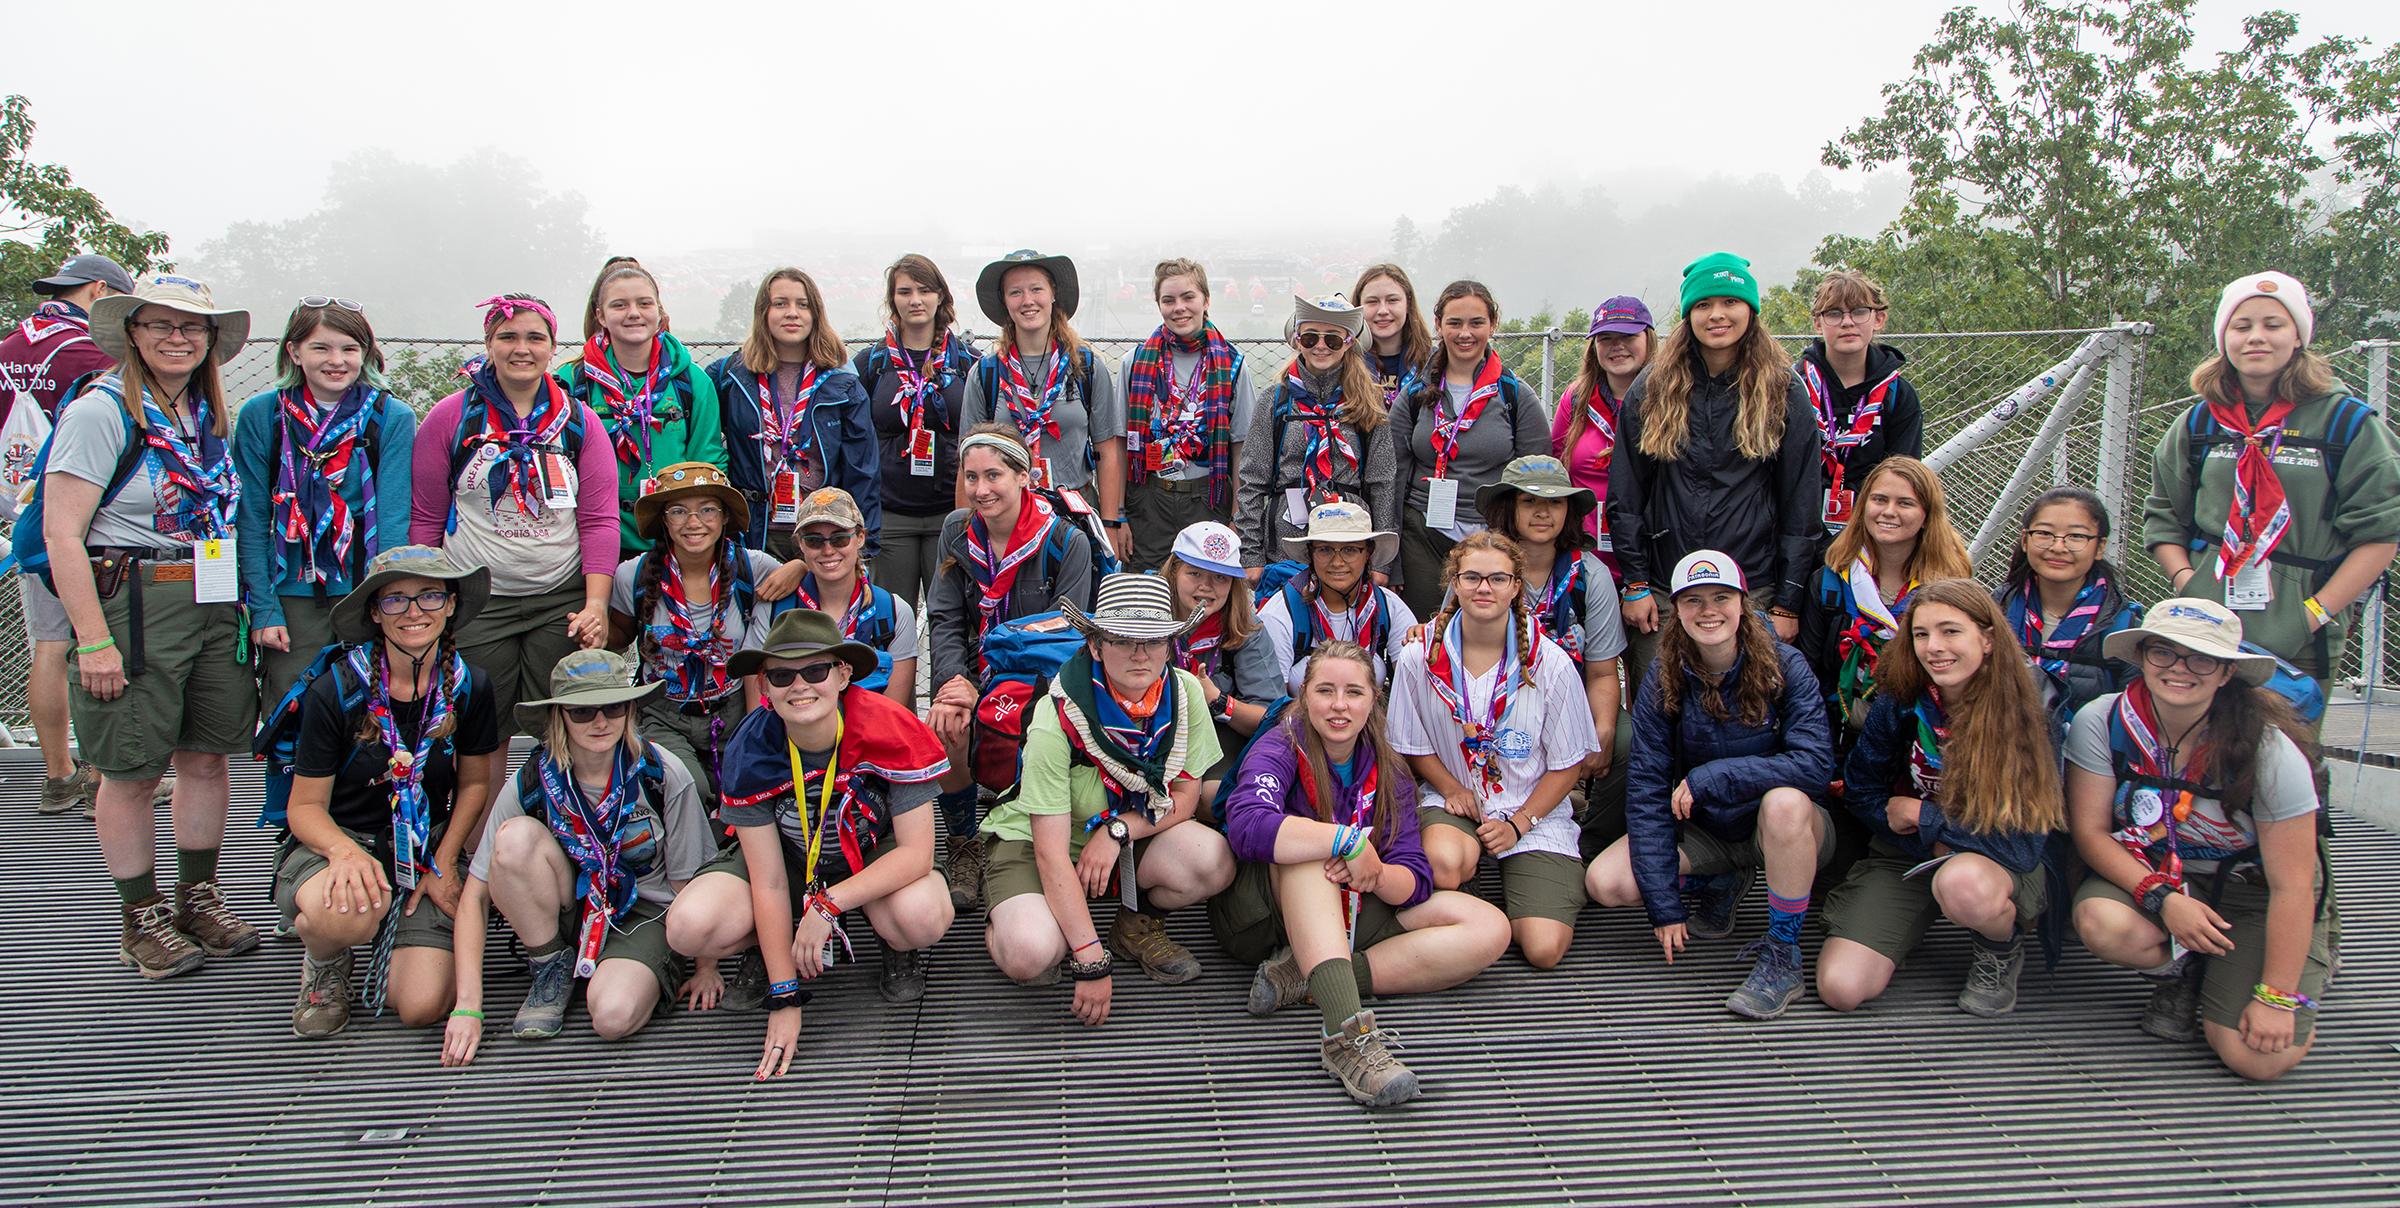 Des filles Américaines innovent au Jamboree